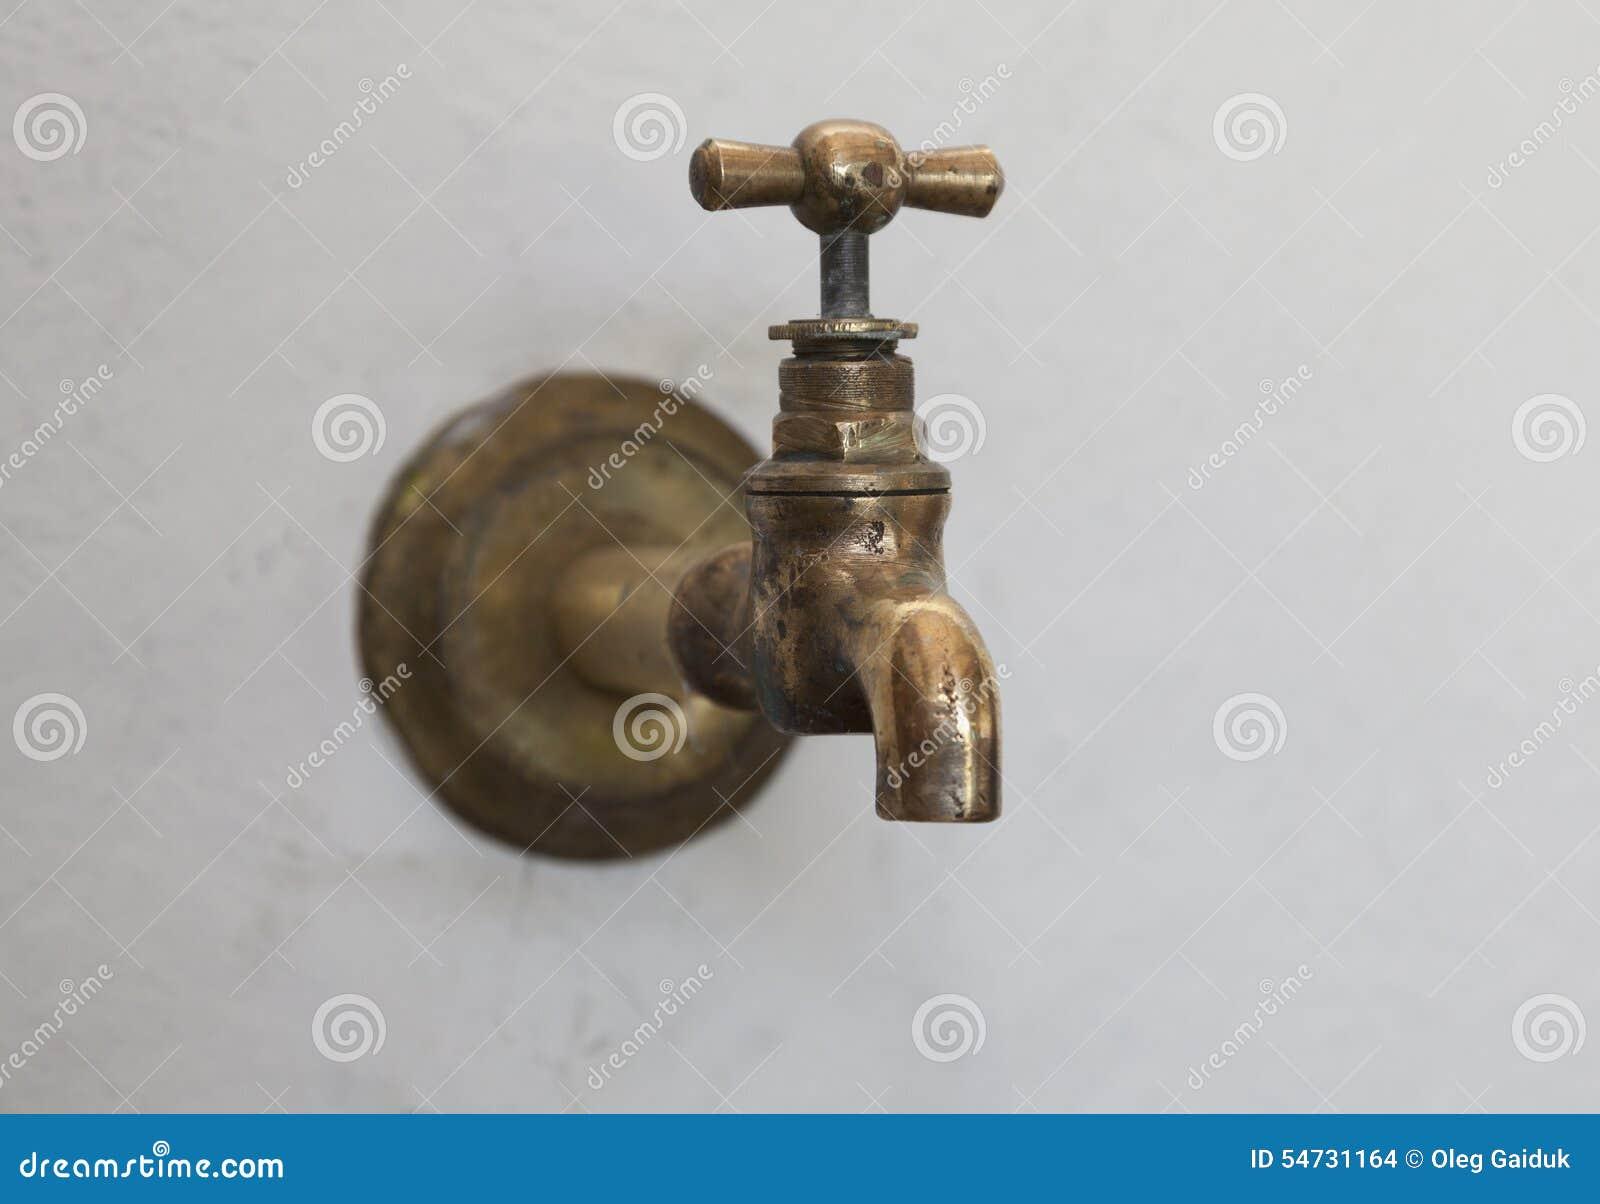 robinet de cuivre antique sur un mur dans le jardin 54731164 Résultat Supérieur 16 Frais Robinet Cuivre Pic 2018 Ojr7